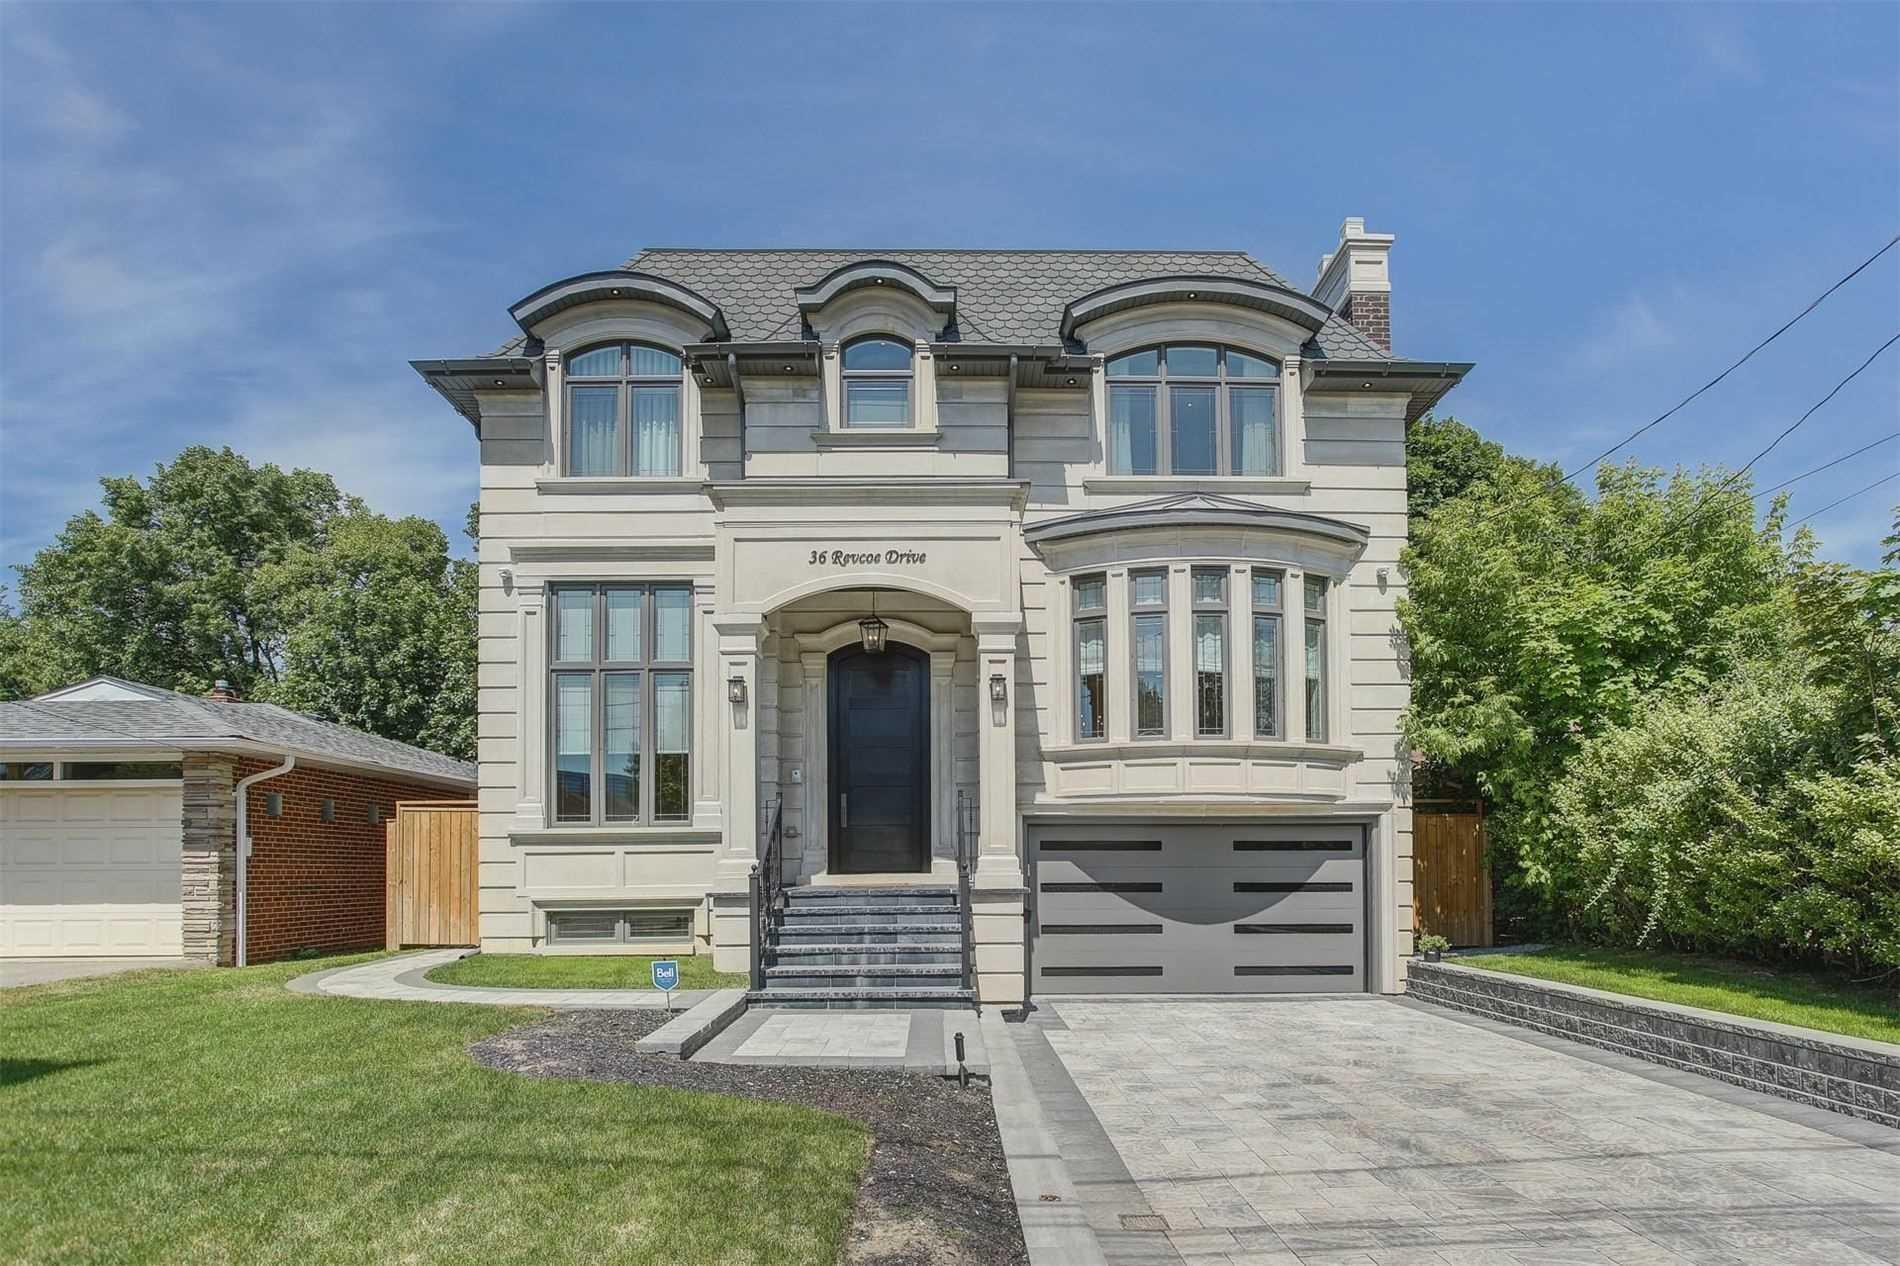 36 Revcoe Dr, Toronto, Ontario M2M2B8, 4 Bedrooms Bedrooms, 10 Rooms Rooms,7 BathroomsBathrooms,Detached,For Sale,Revcoe,C5344371